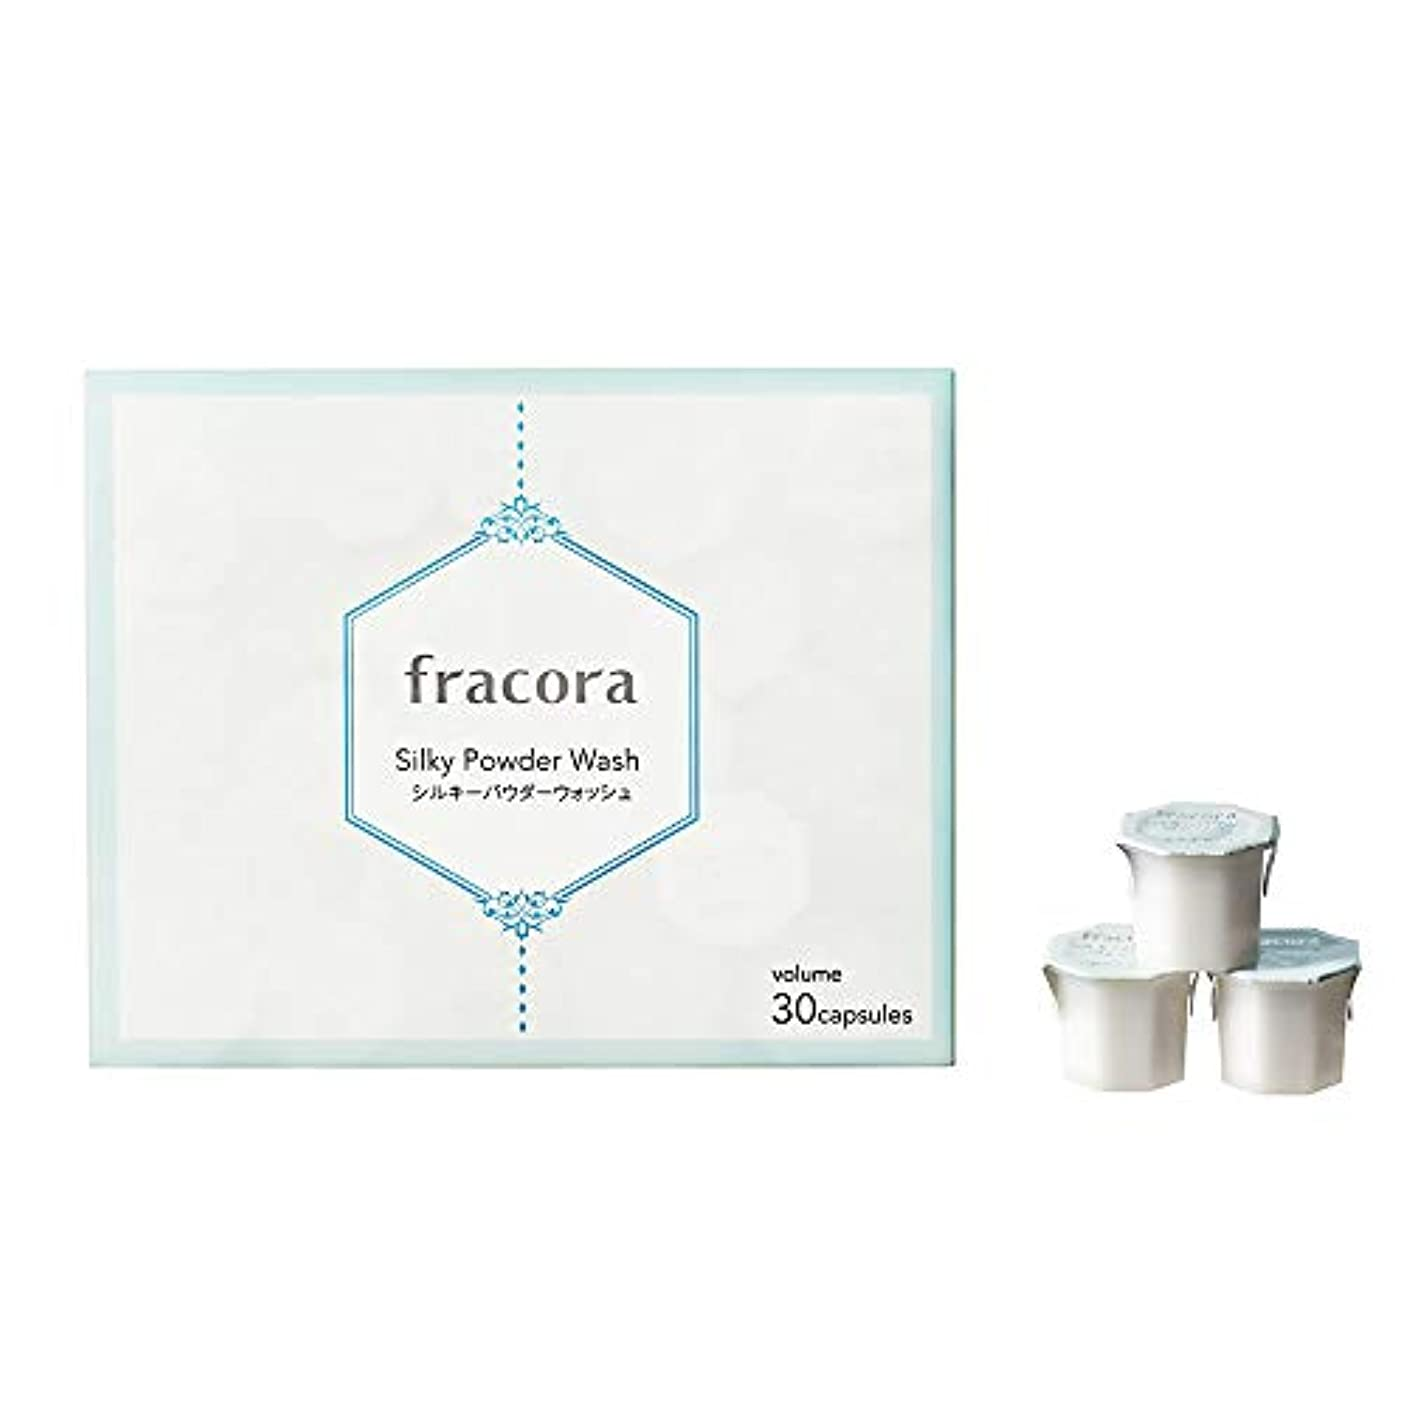 フルーティーにおい刃fracora(フラコラ) 酵素洗顔 シルキーパウダーウォッシュ 30カプセル入